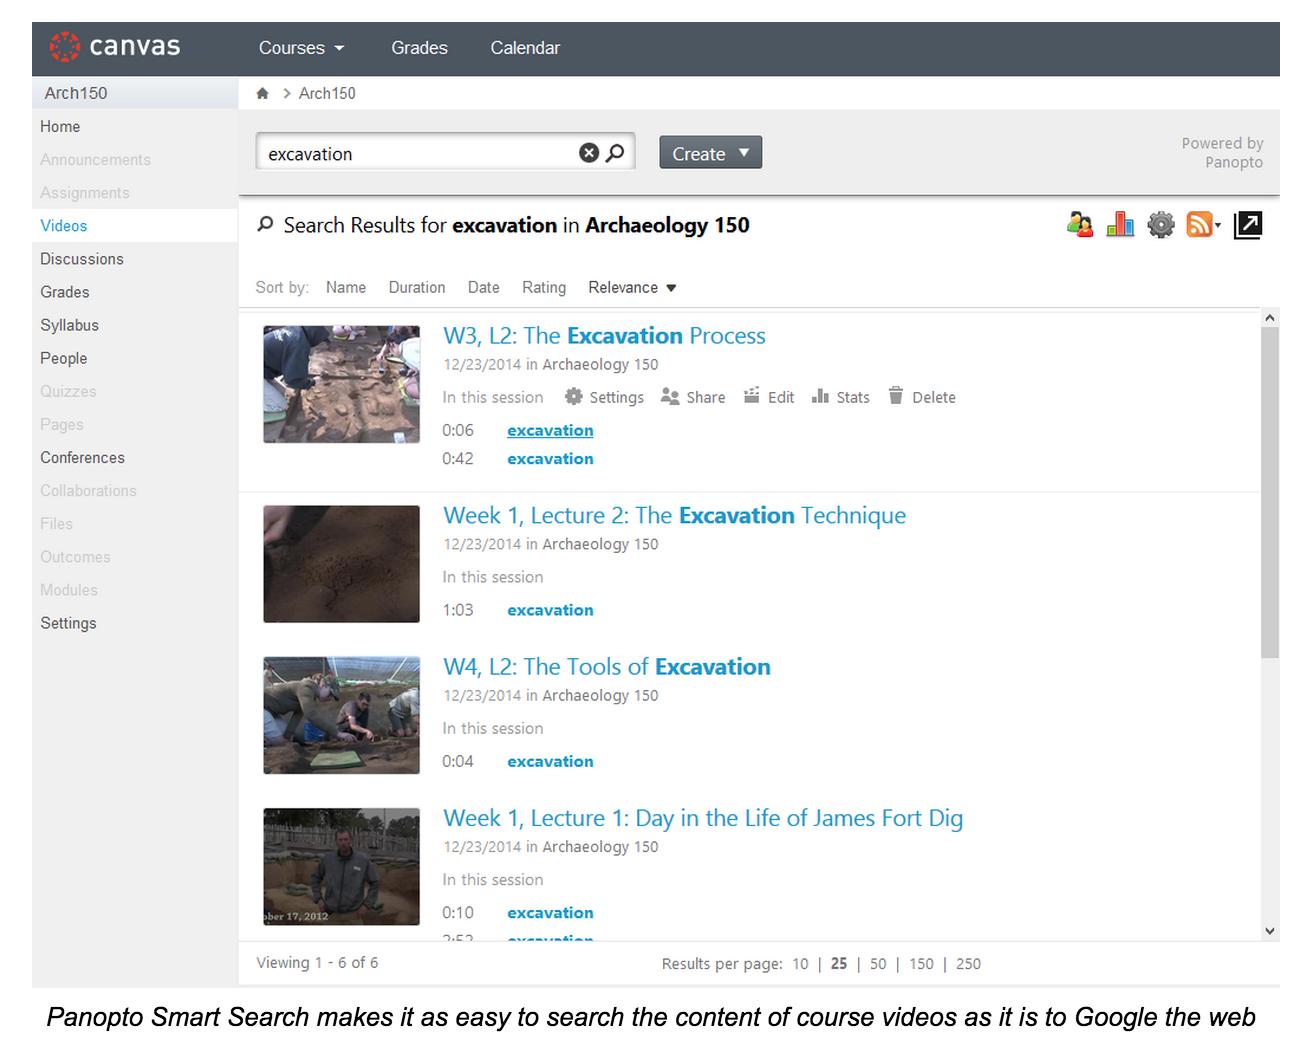 과정 비디오의 콘텐츠 검색-Panopto 비디오 플랫폼